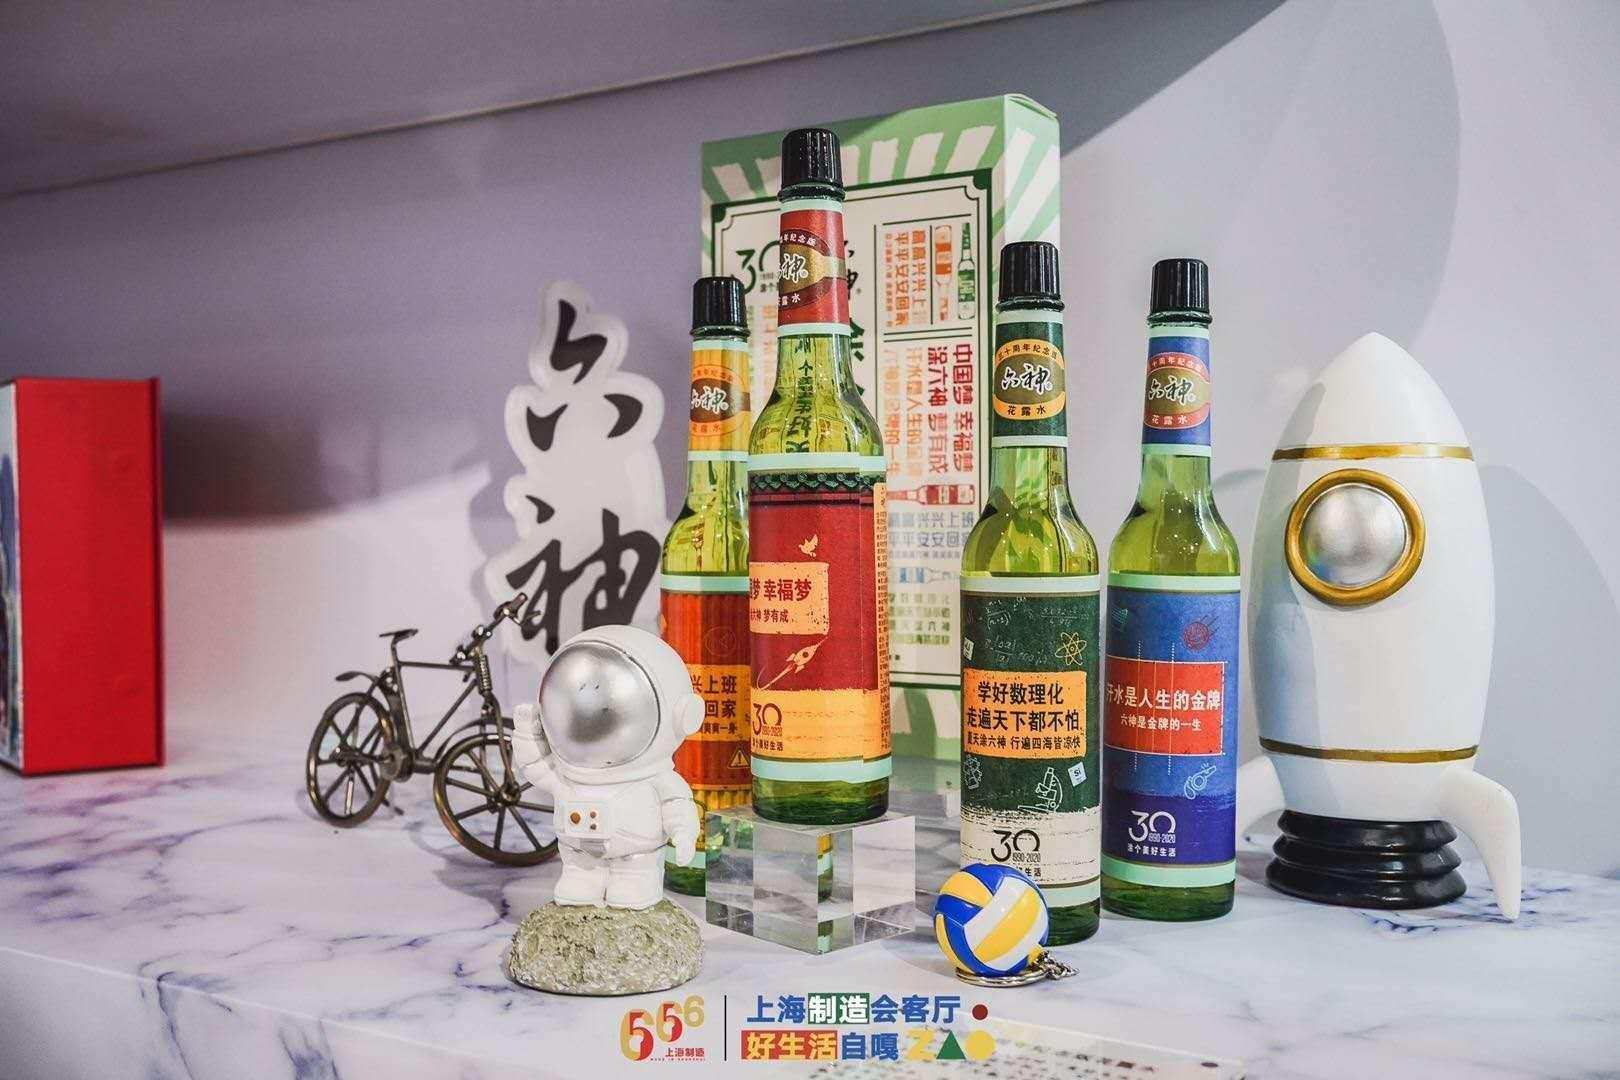 """【奢生活】六神三十周年限量版花露水上市 造势上海""""五五购物节"""""""